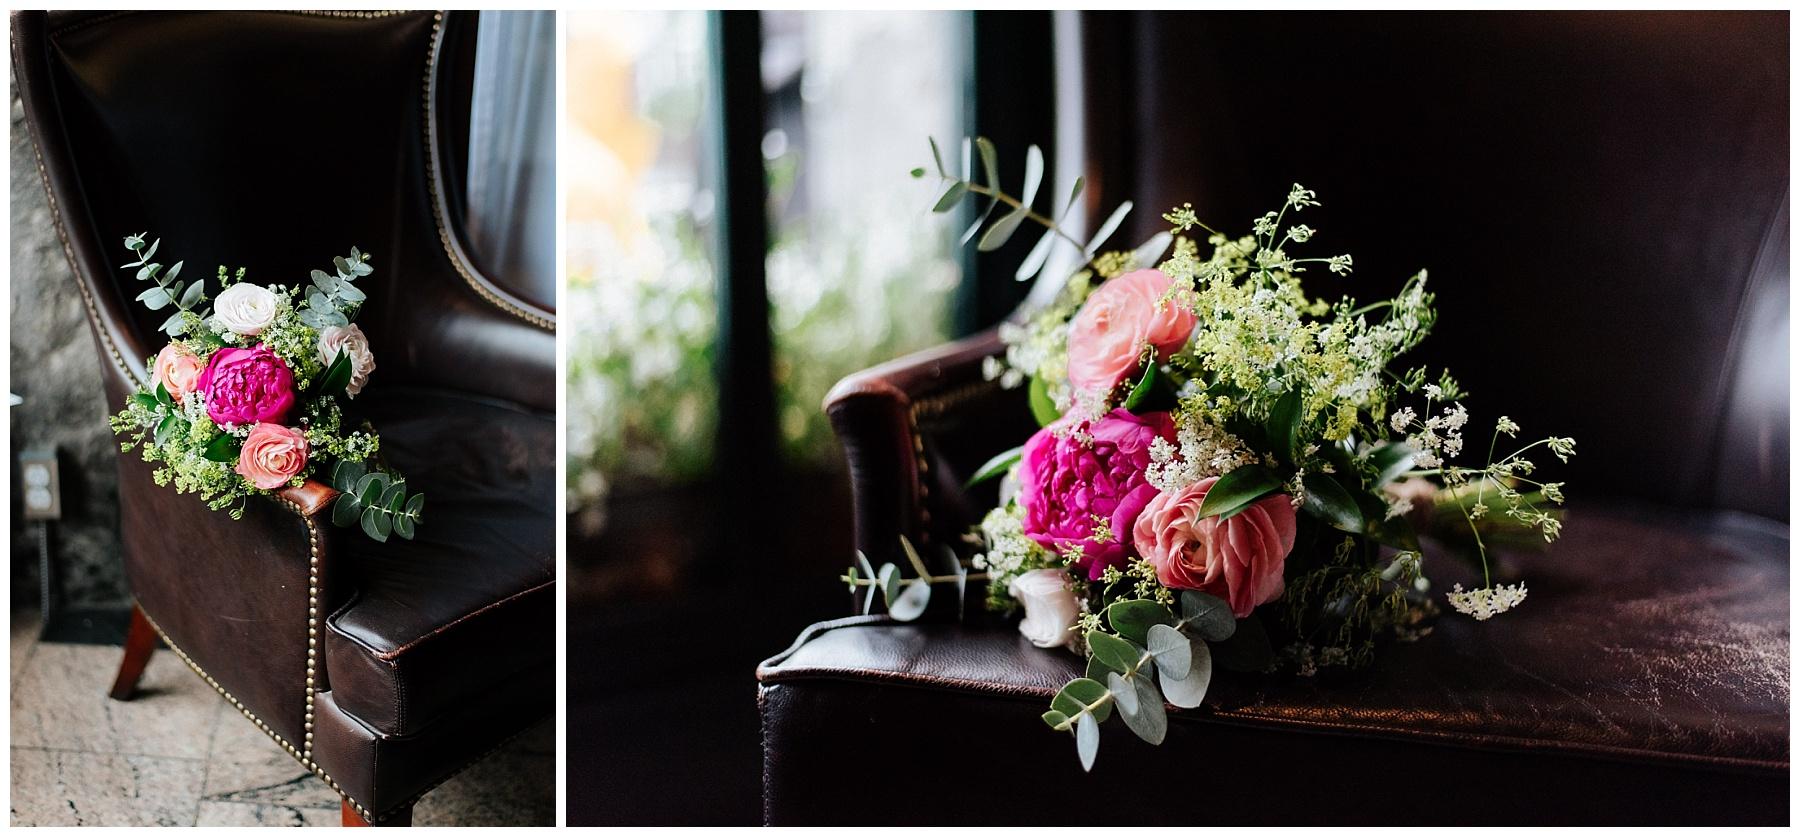 Le bouquet de fleur de la mariée est déposé sur un fauteuil de cuir et il resplendit de plein feux.